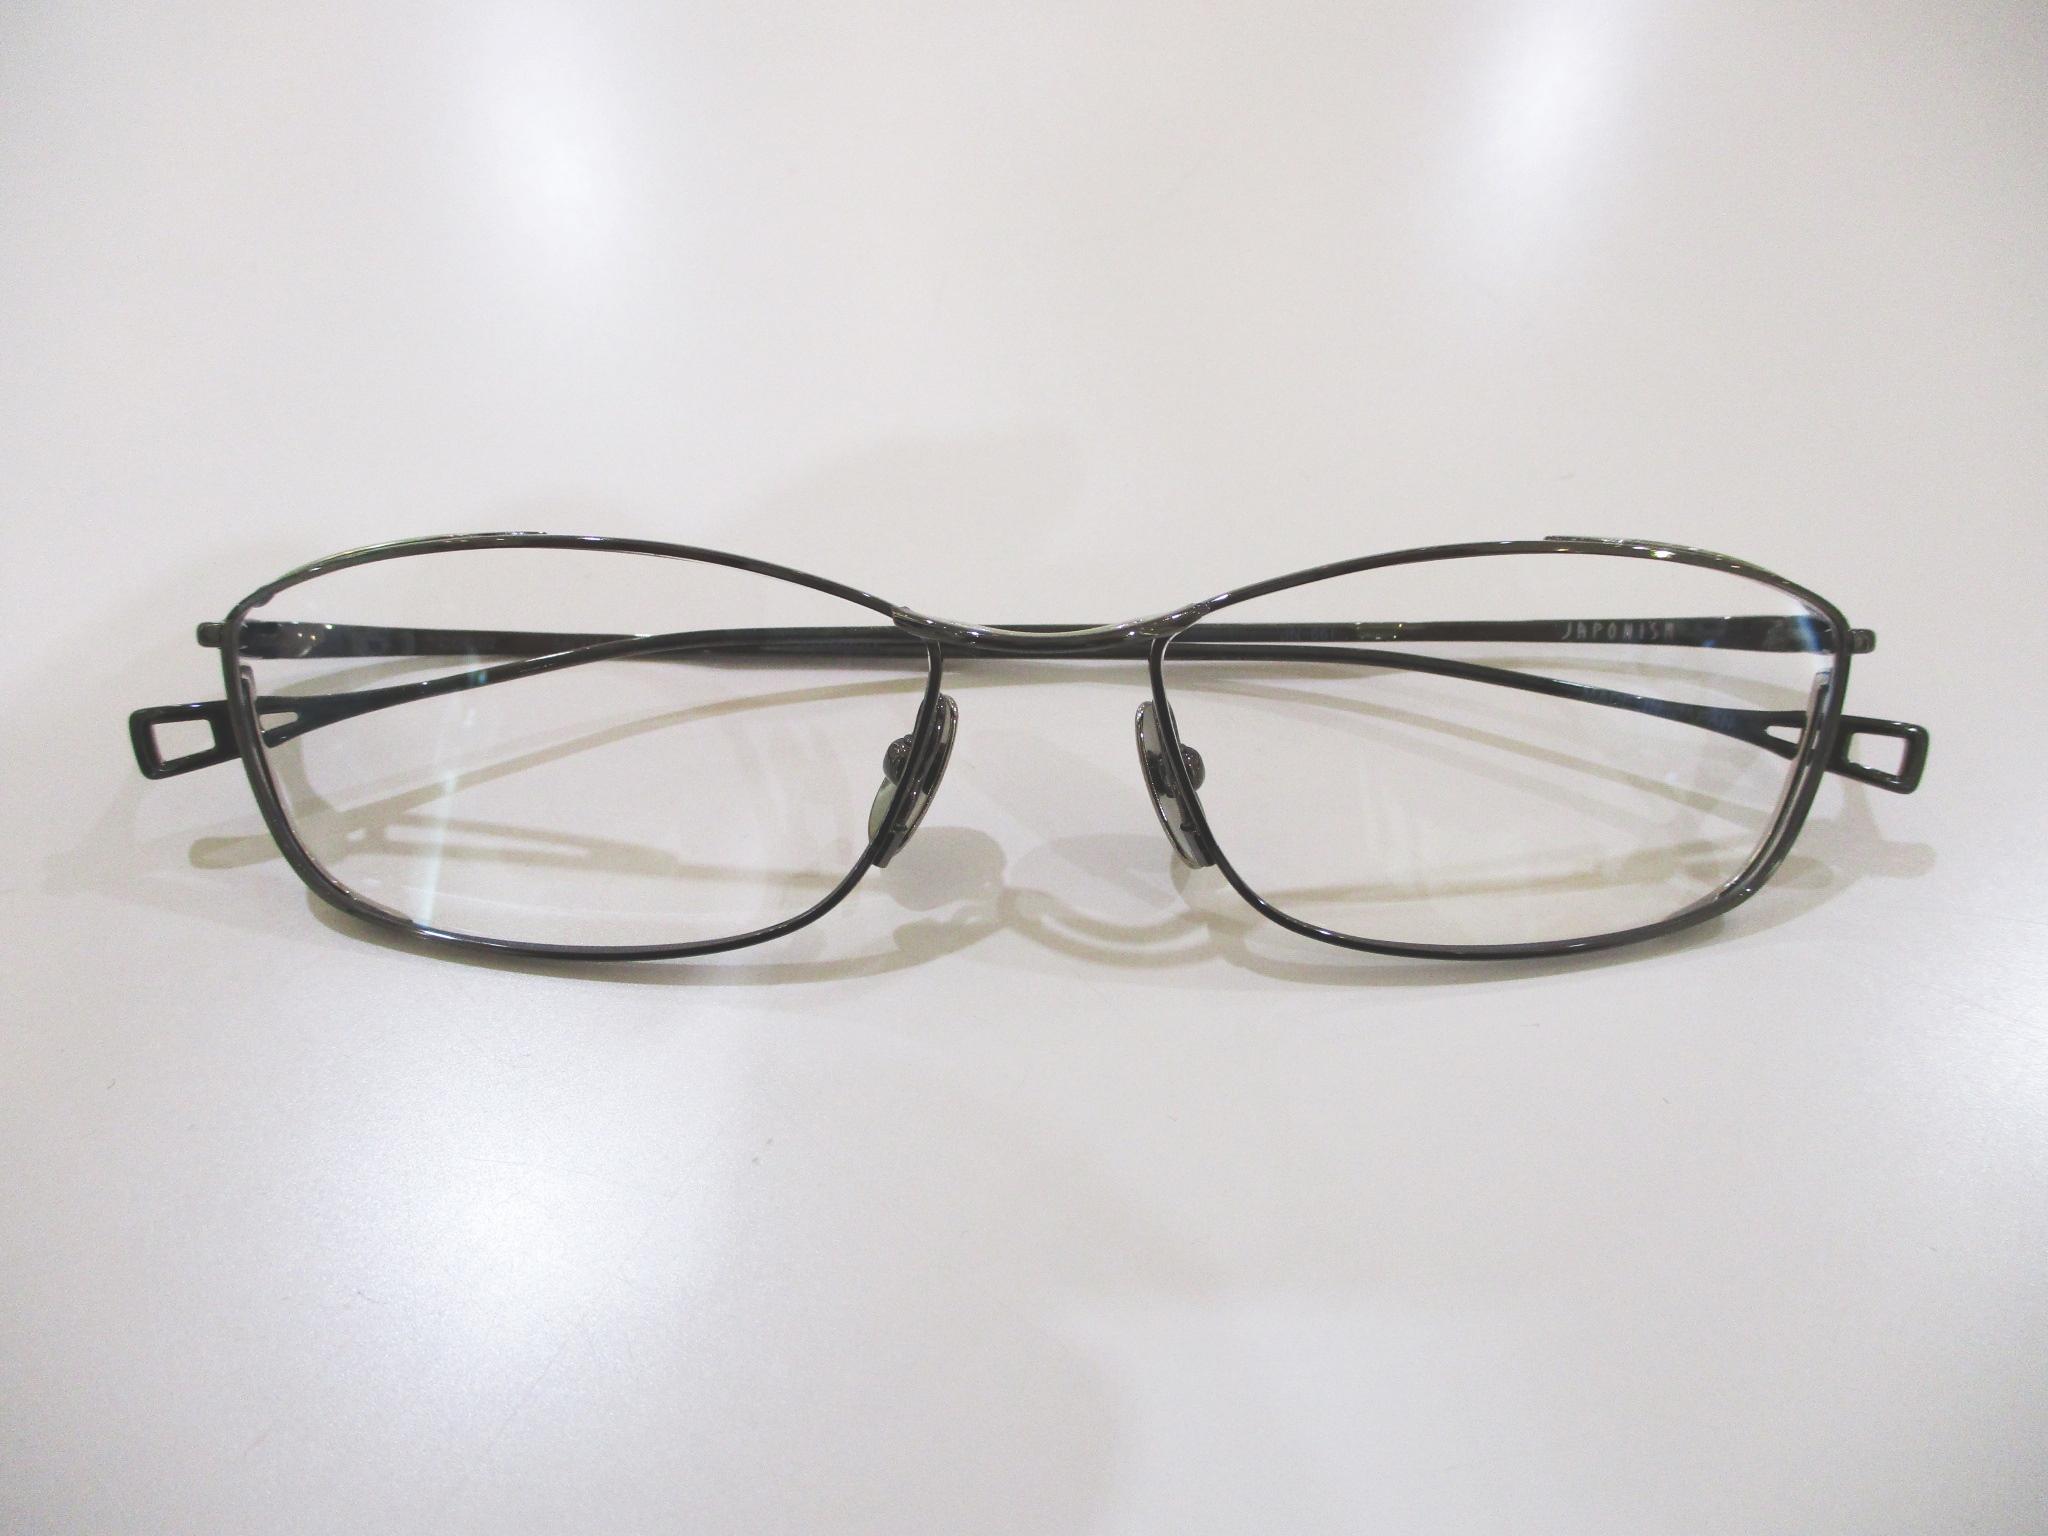 ジャポニスム,おしゃれメガネ,視力検査,コンタクトレンズ,パーソナルカラー診断